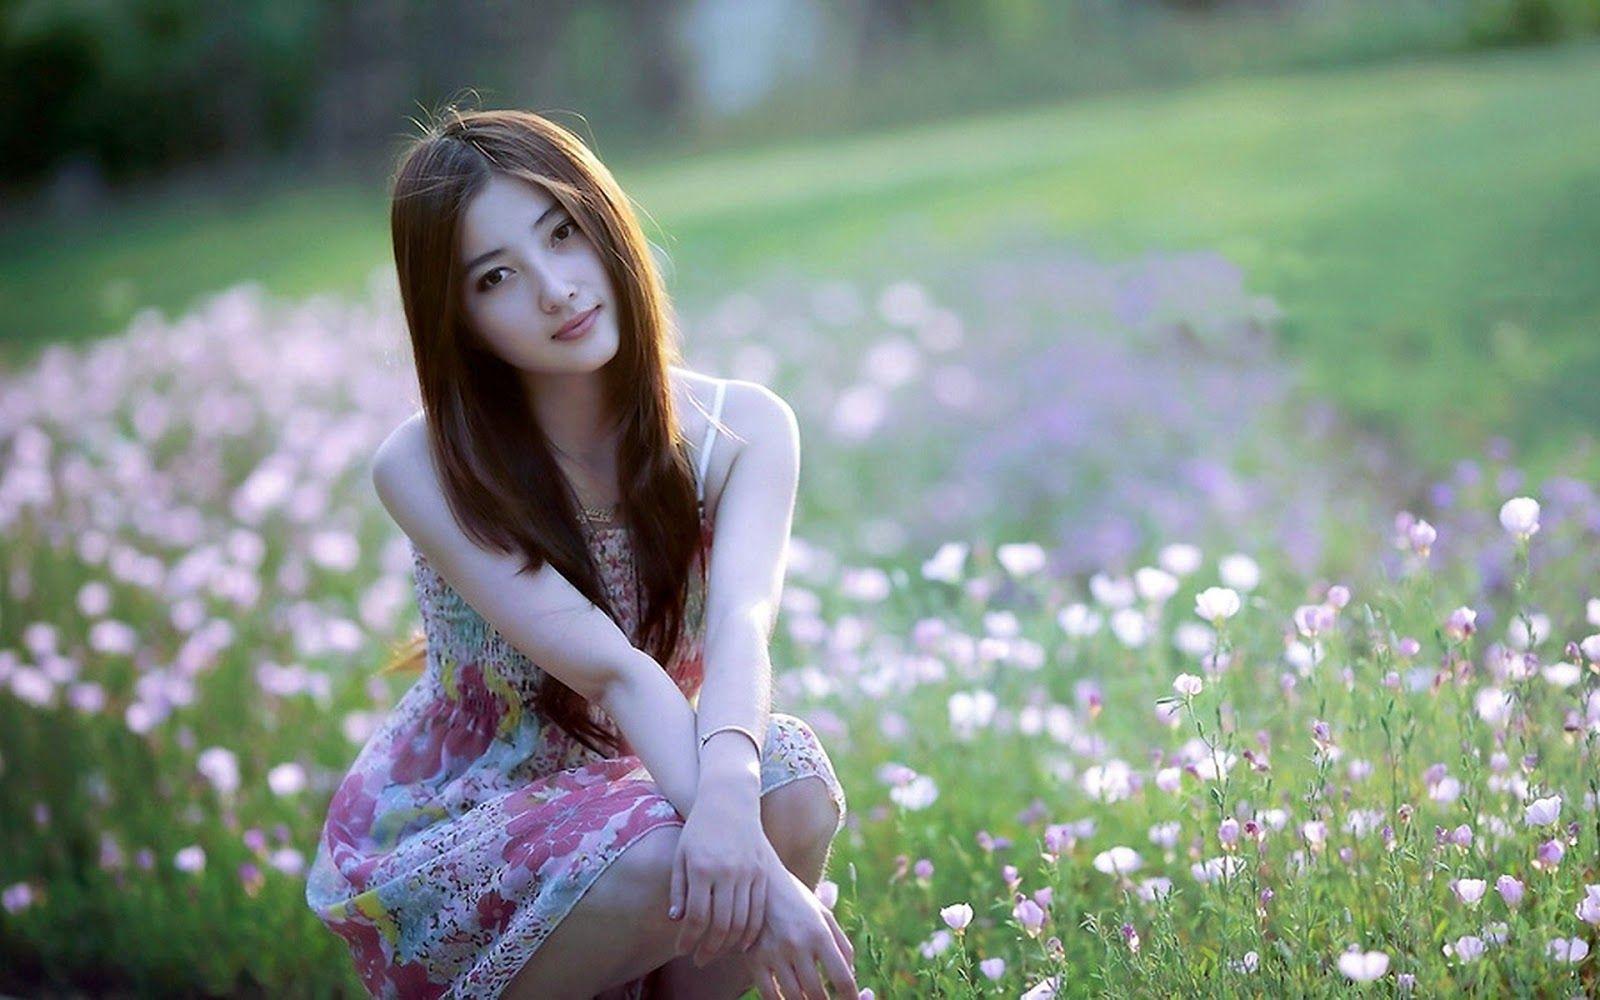 Hình ảnh gái xinh dễ thương